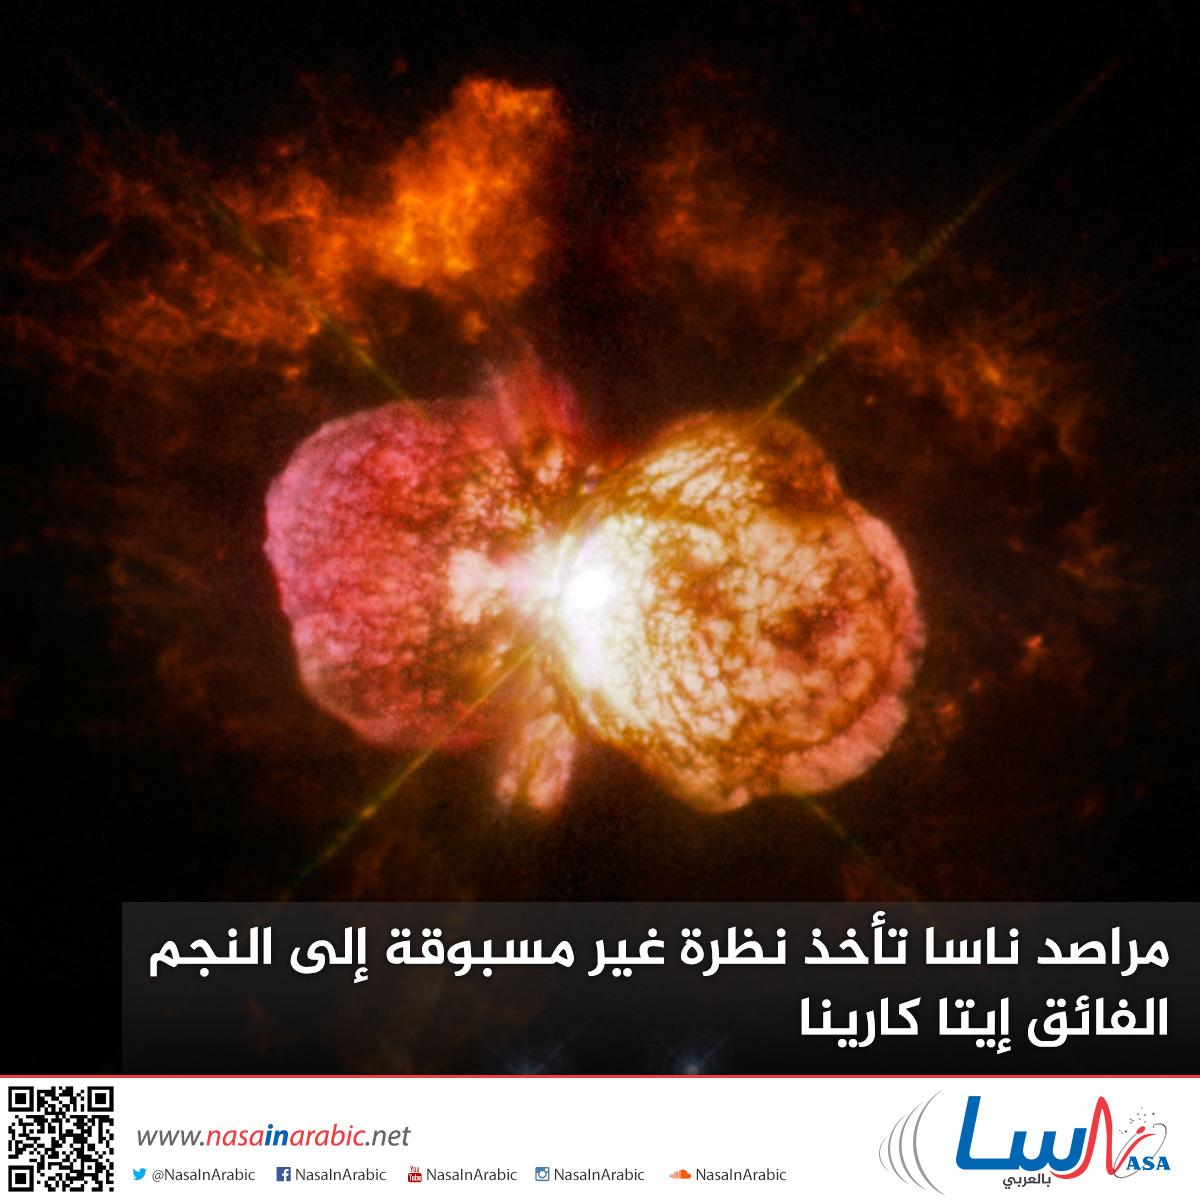 مراصد ناسا تأخذ نظرة غير مسبوقة إلى النجم الفائق إيتا كارينا